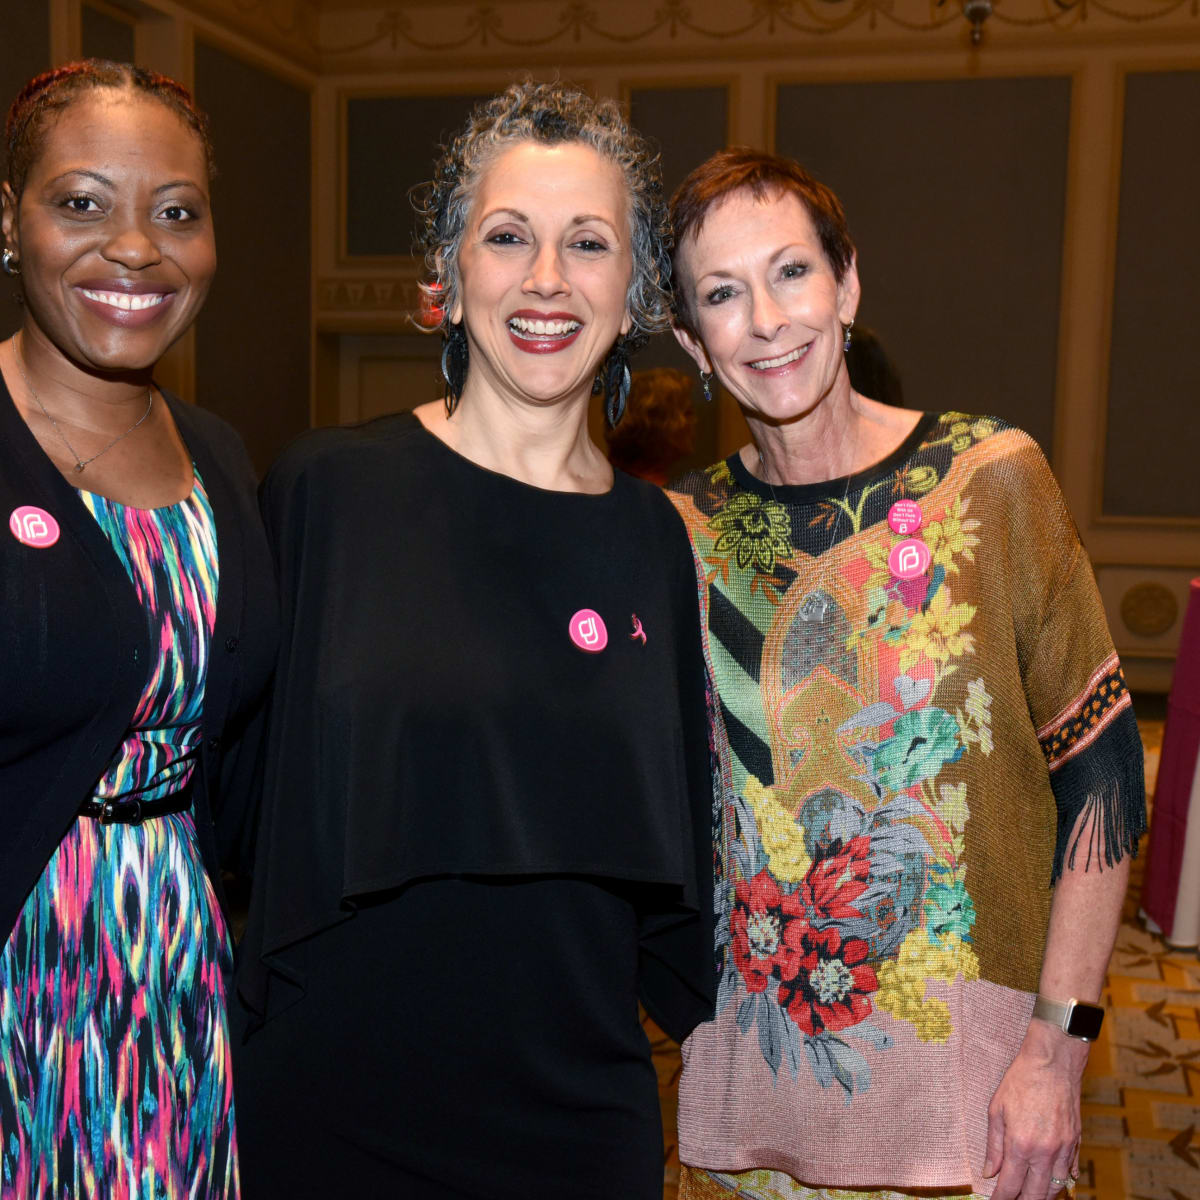 Shanterra McBride, Dayna Farris-Fischer, Jill Cochran